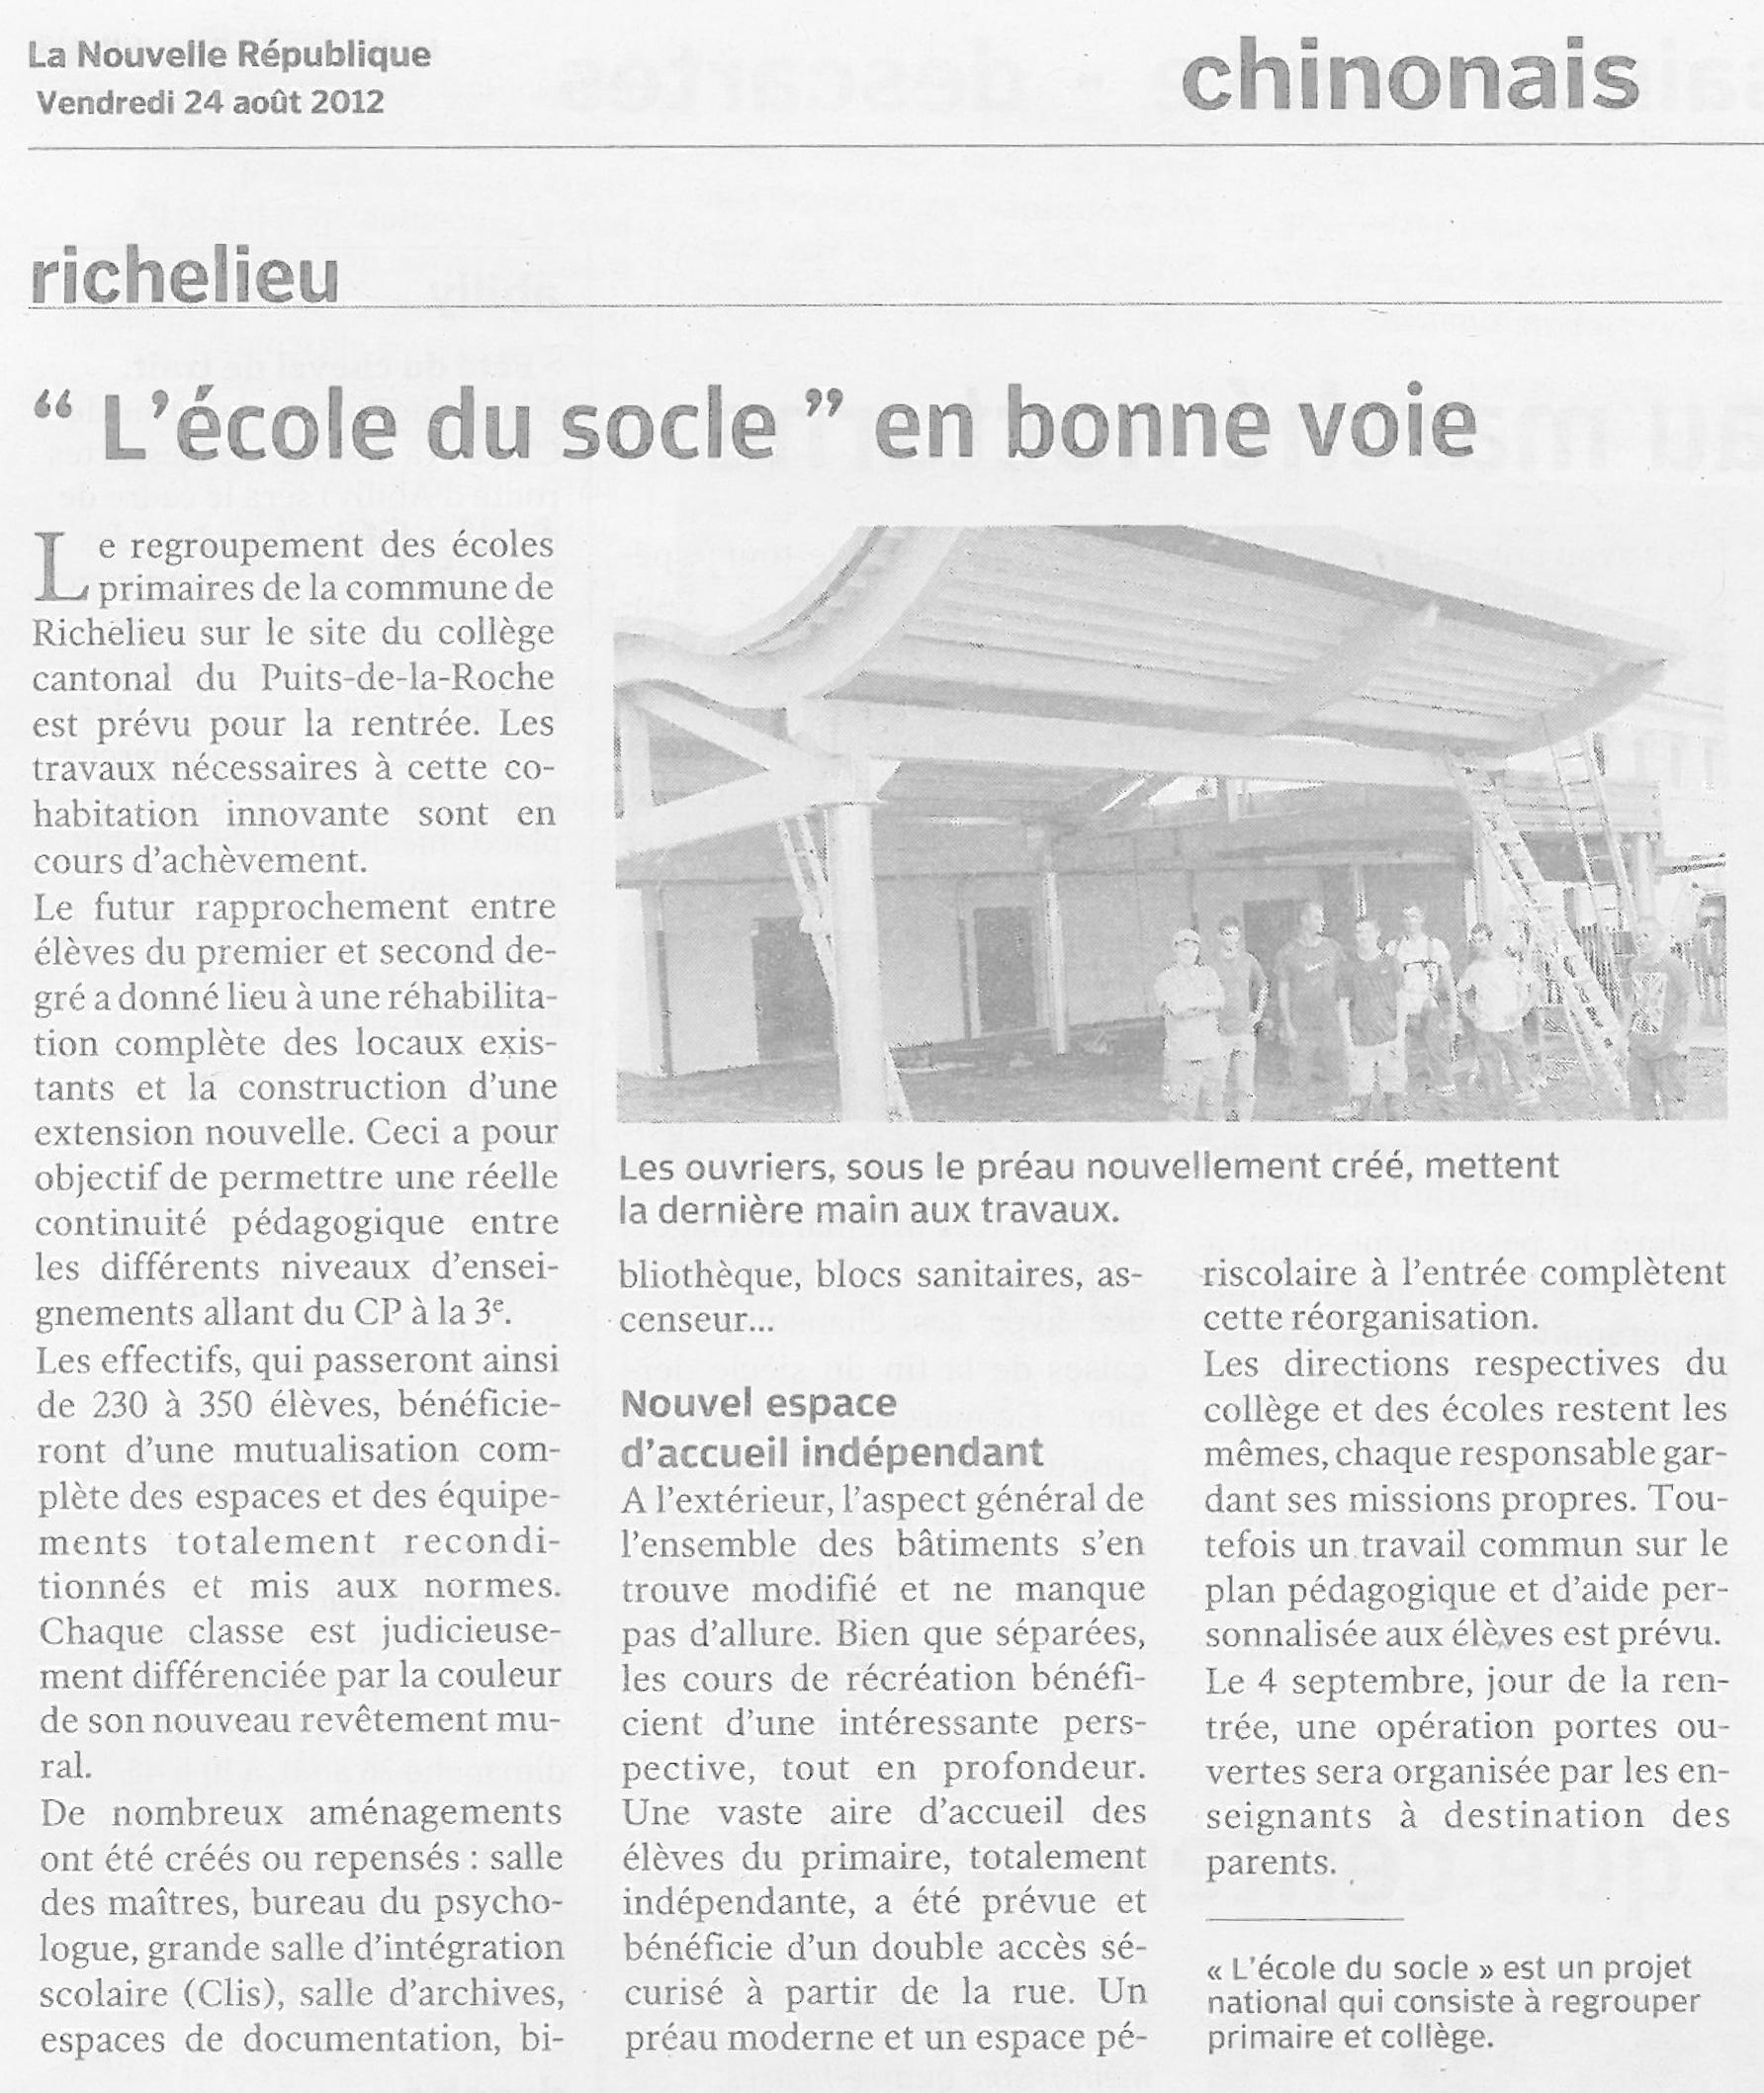 Charpente Bois du Préau de l'Ecole du Socle à Richelieu (37) - Sarl Merlot